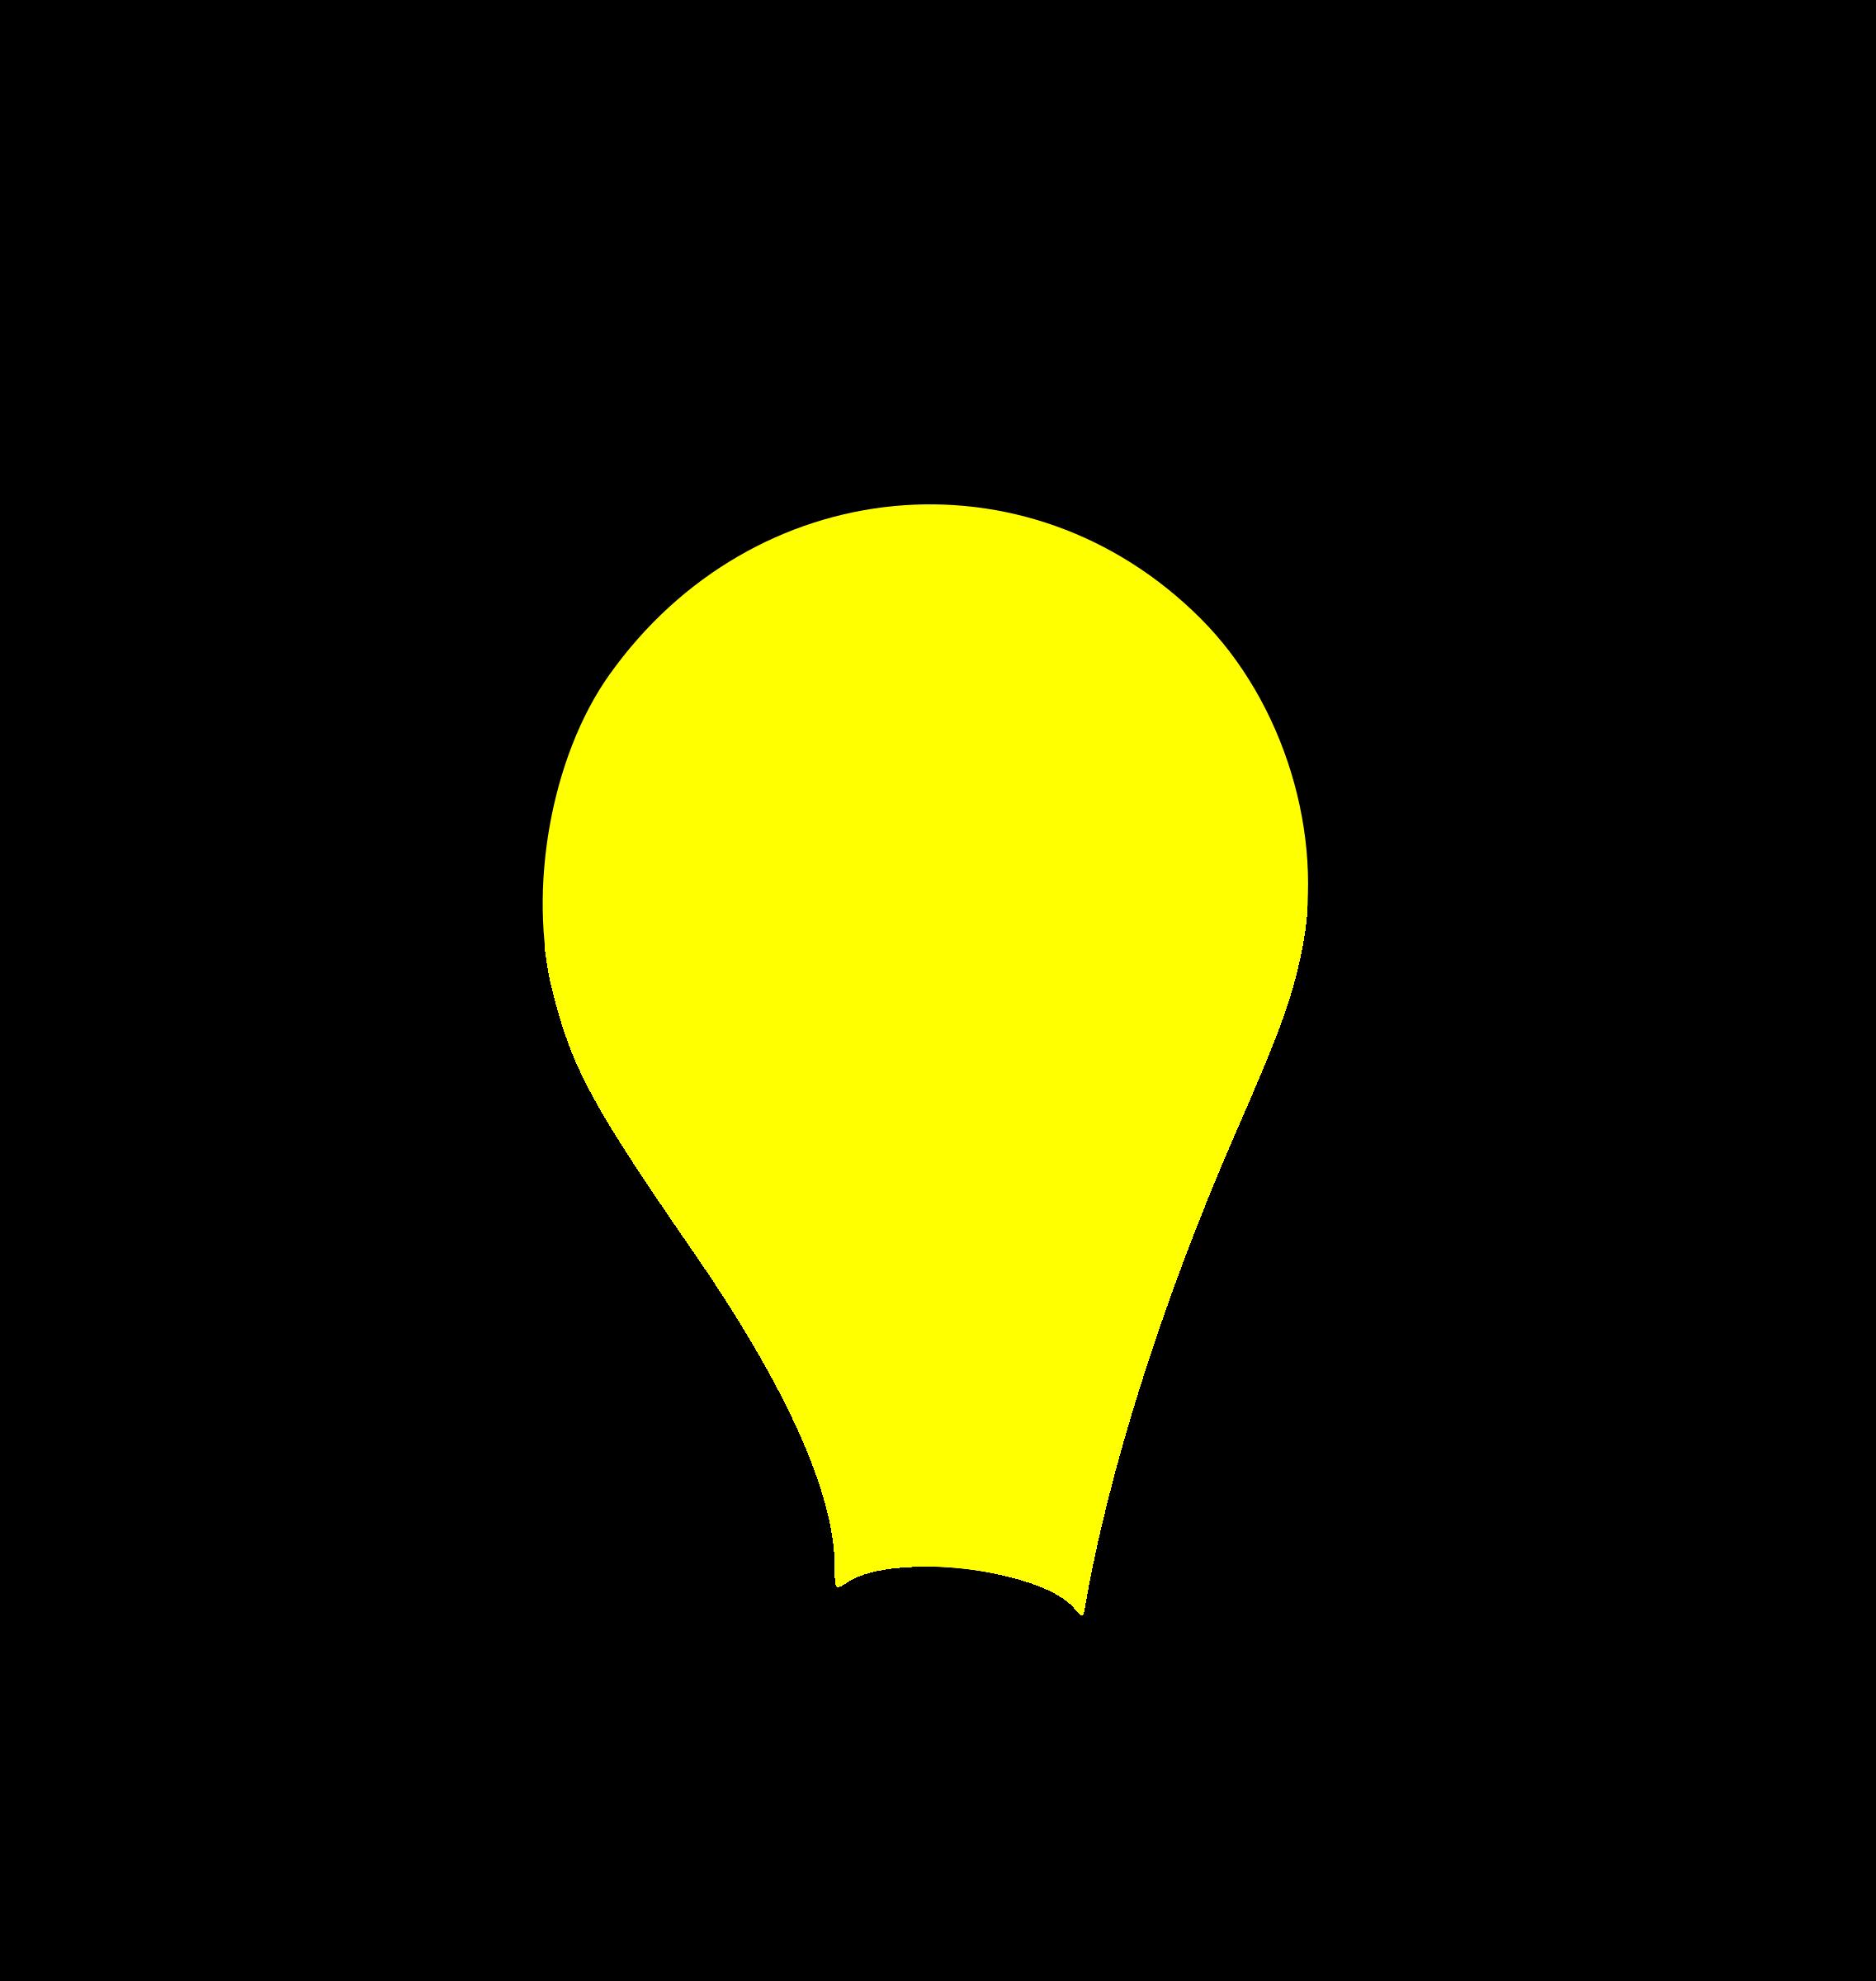 Clipart Light Bulb Lit Clipartbold-Clipart light bulb lit clipartbold-2